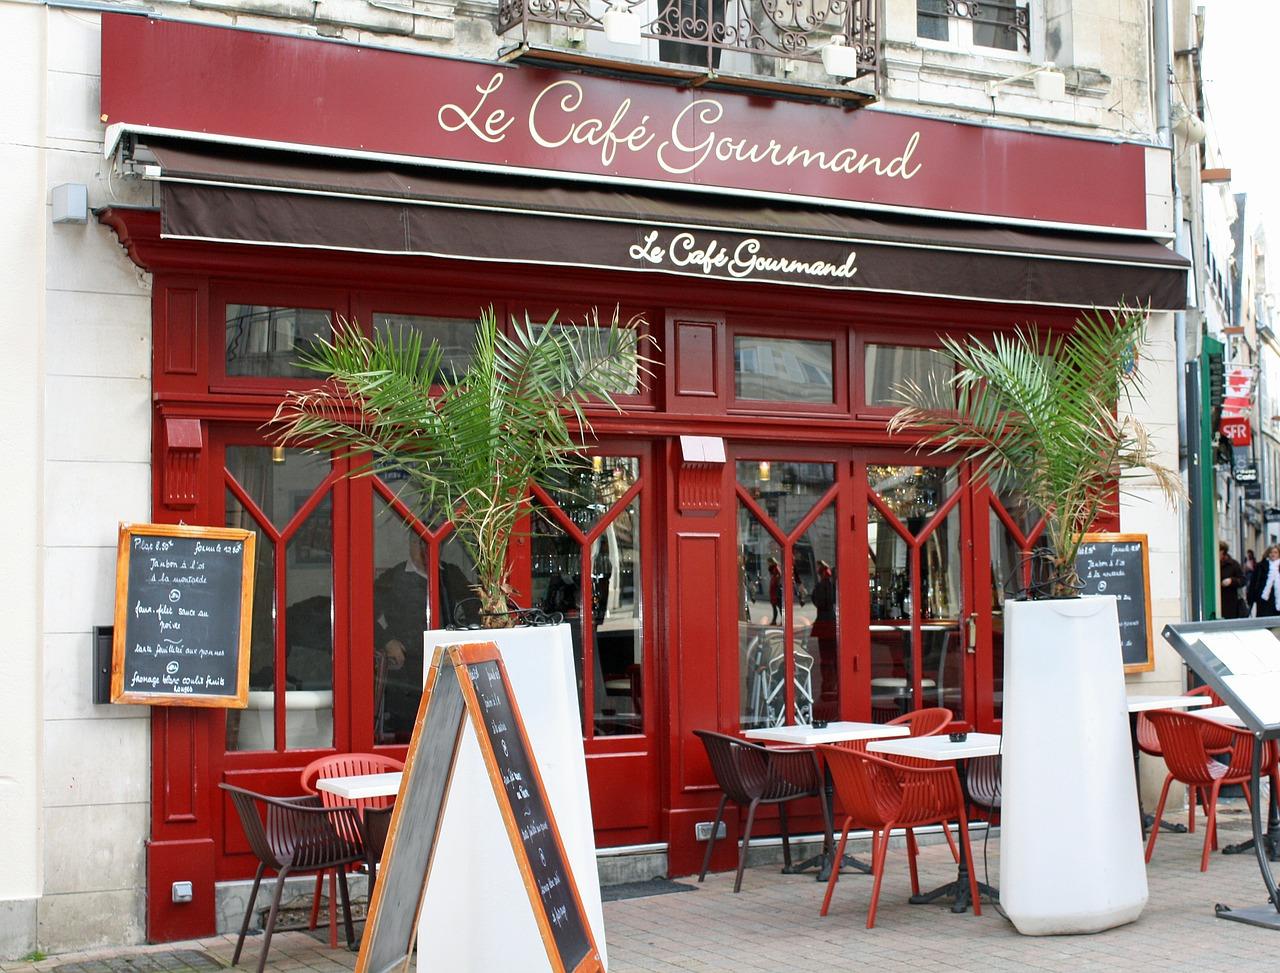 cafe gourmande, french, café-258201.jpg